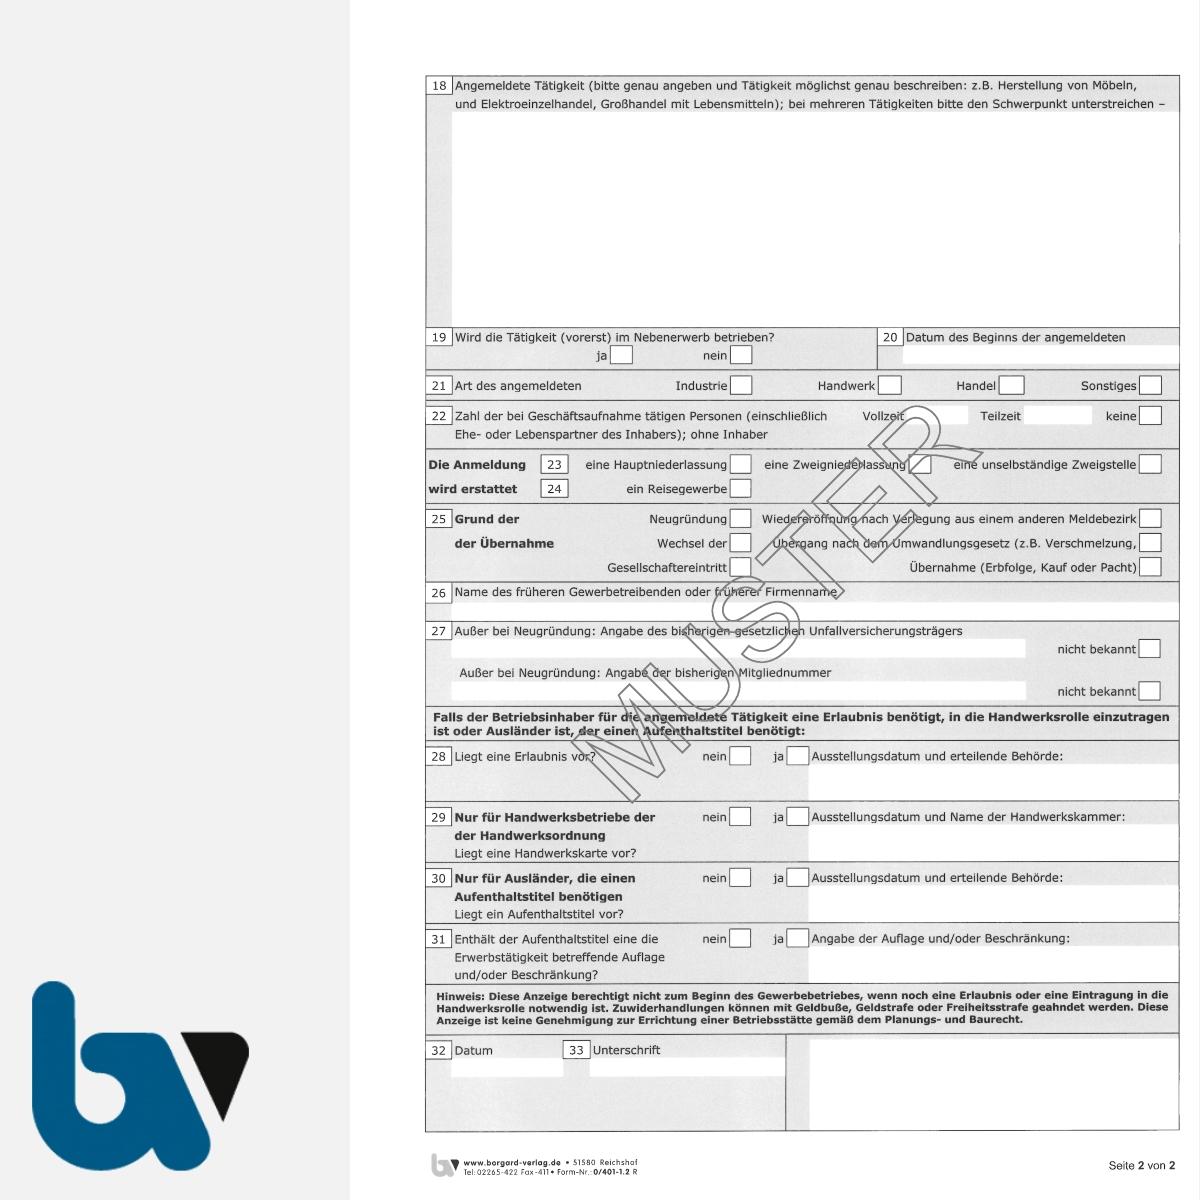 0/401-1.2 Gewerbe Anmeldung Gewa1 Paragraph 14 55c Gewerbeordnung 2-fach selbstdurchschreibend DIN A4 Seite 2 | Borgard Verlag GmbH